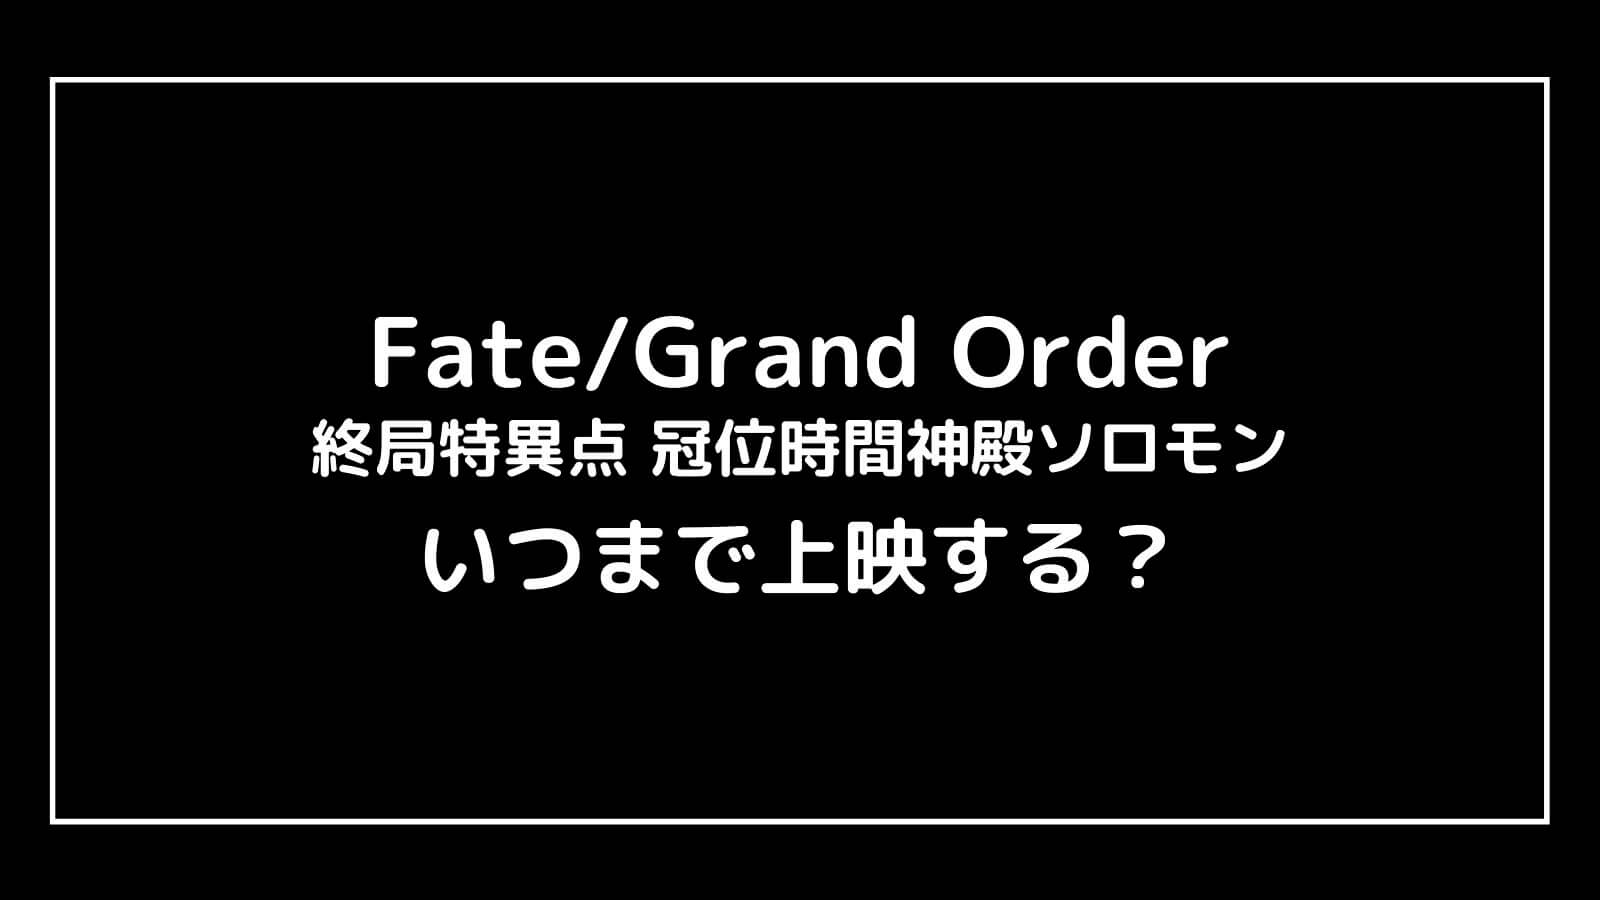 映画『Fate/Grand Order 終局特異点』の上映期間はいつまで?元映画館社員が予想【冠位時間神殿ソロモン】